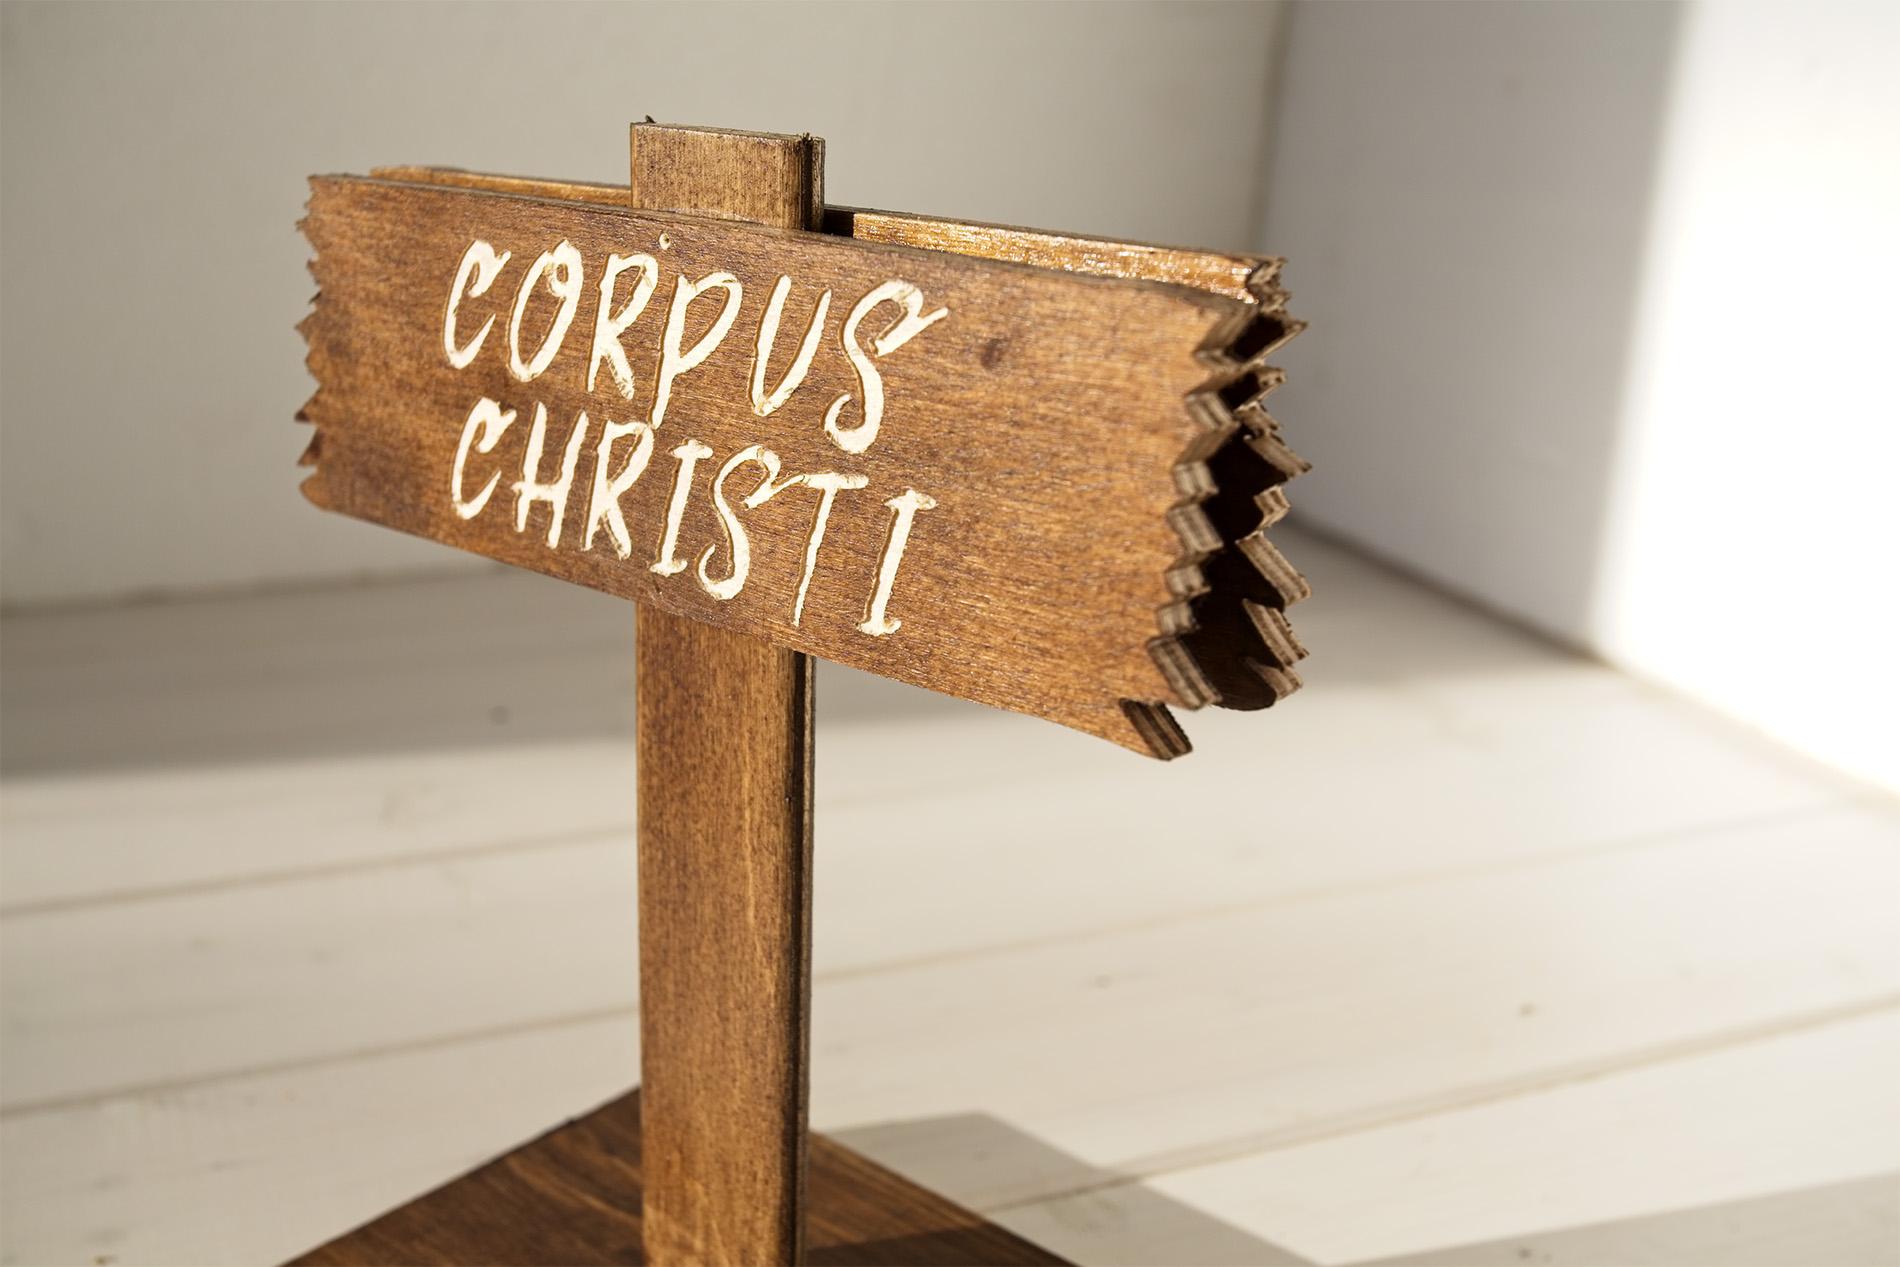 Segnatavolo Segnaposto Wild West - Corpus Christi